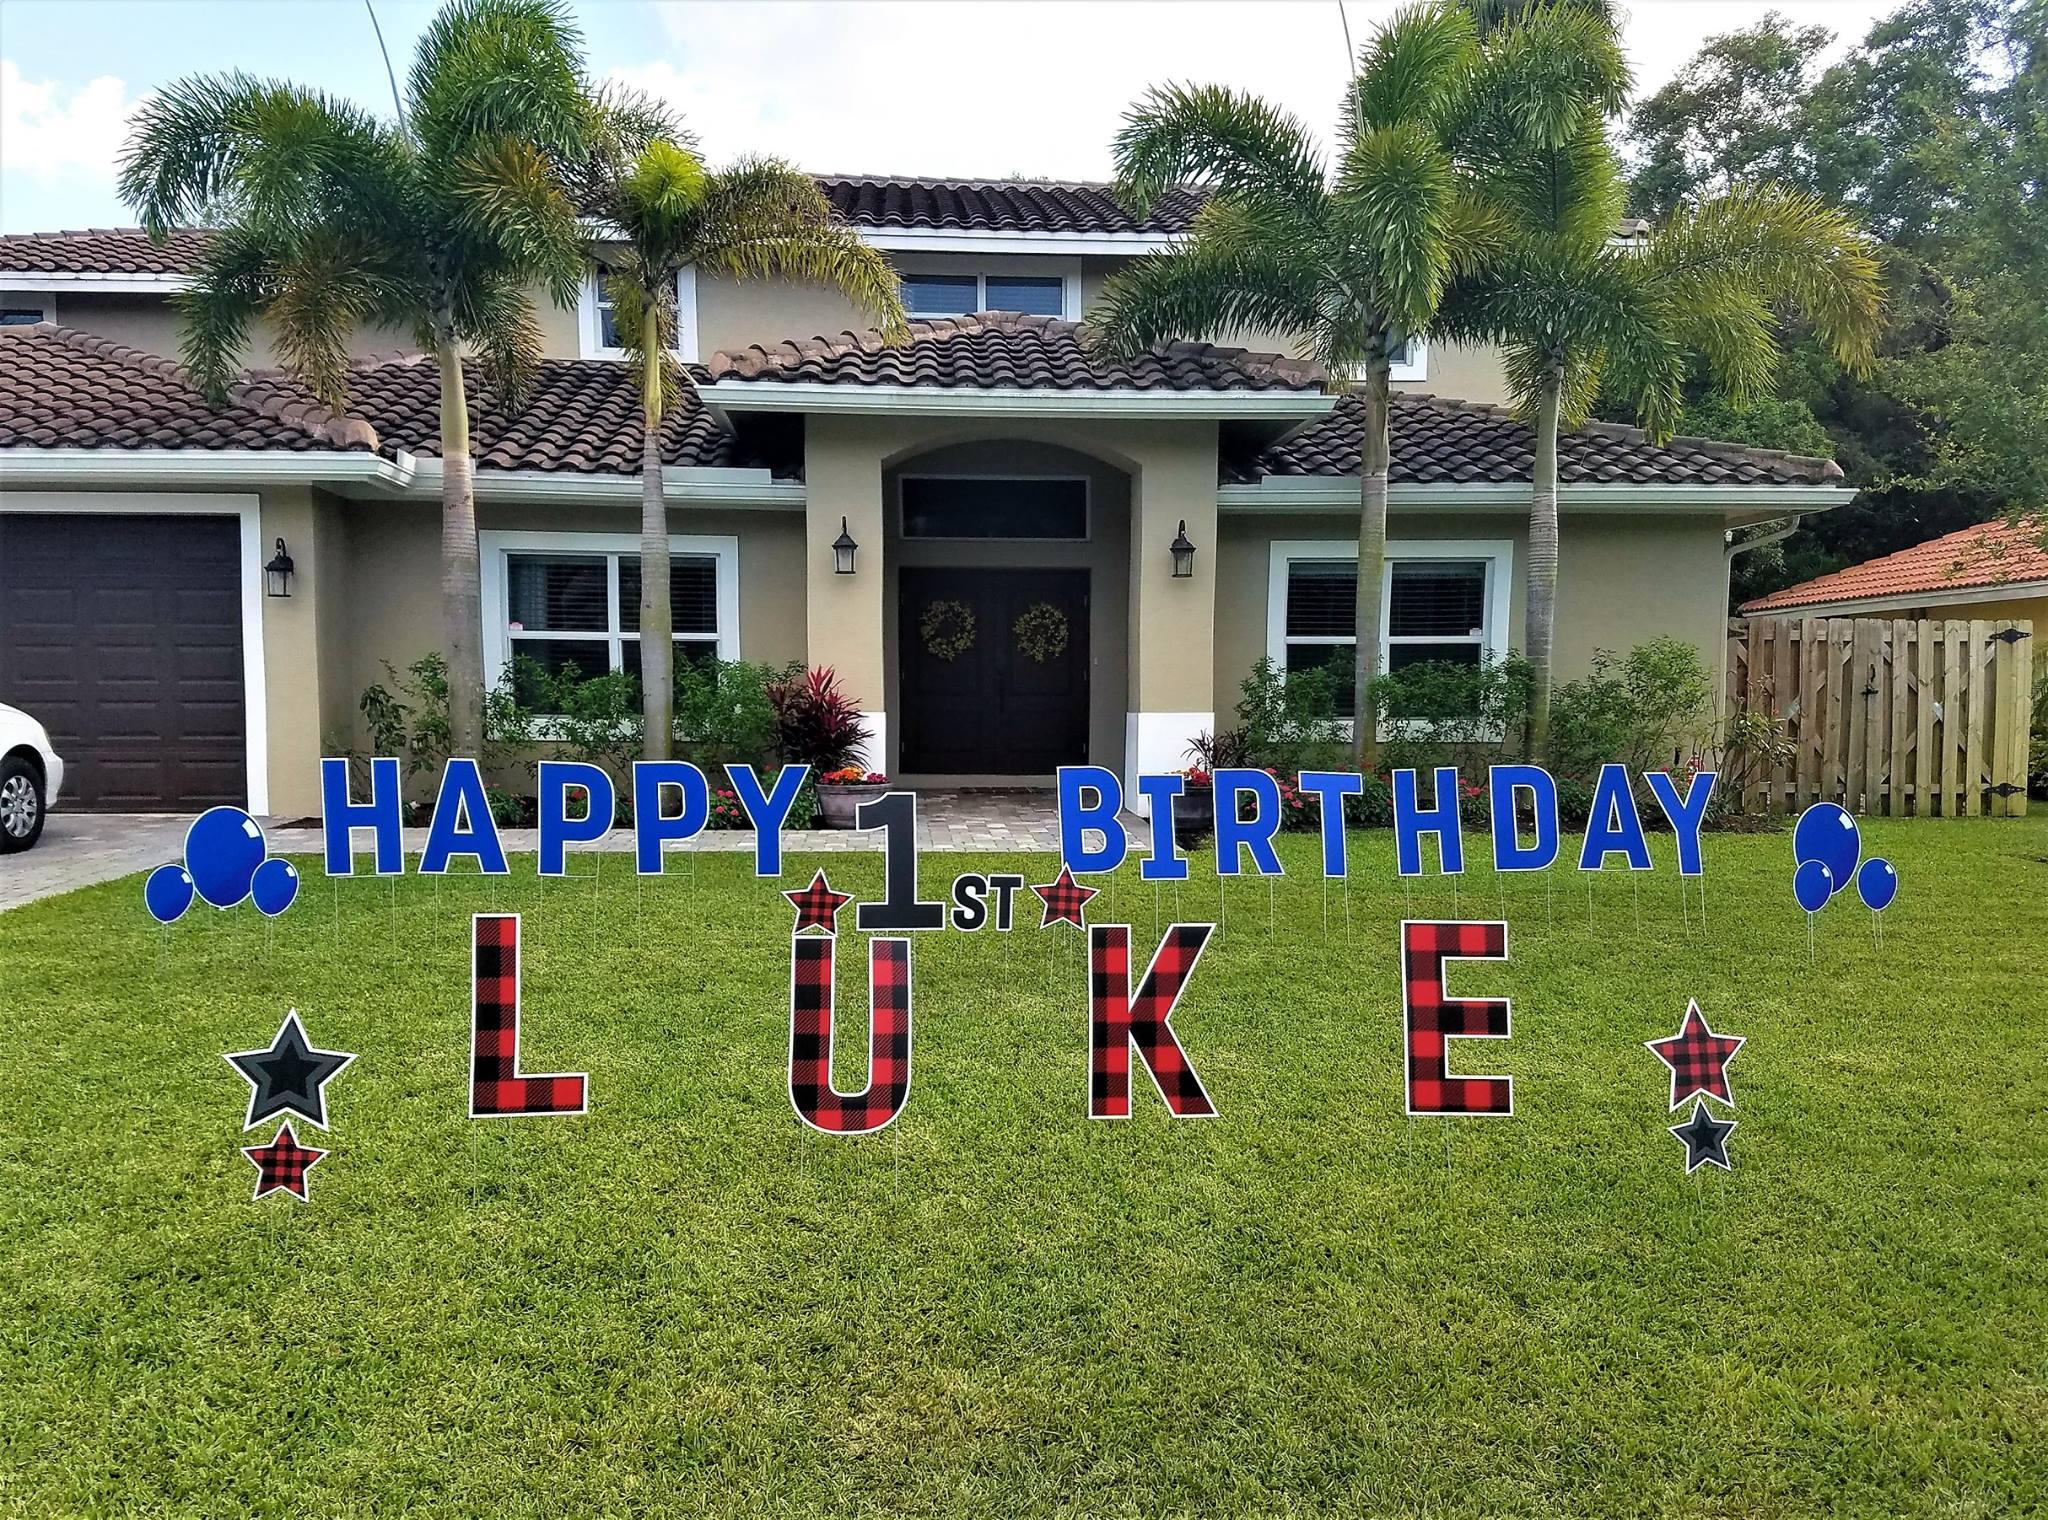 1st Birthday Celebration